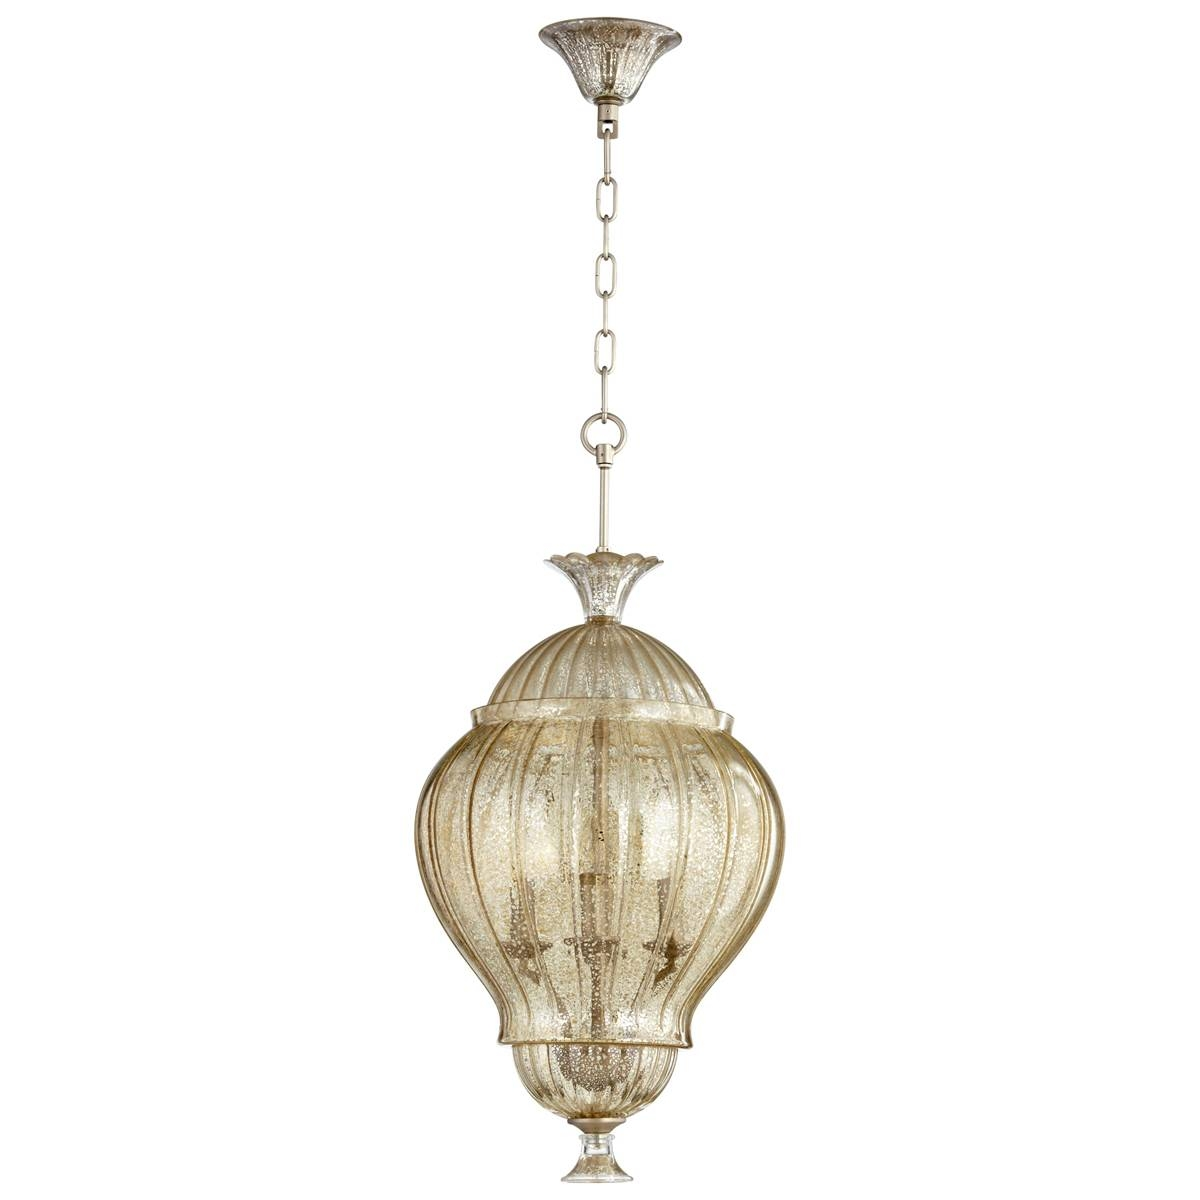 Marvelous Murano Glass Pendant Lights In Interior Decorating In Murano Glass Pendant Lights (View 11 of 15)